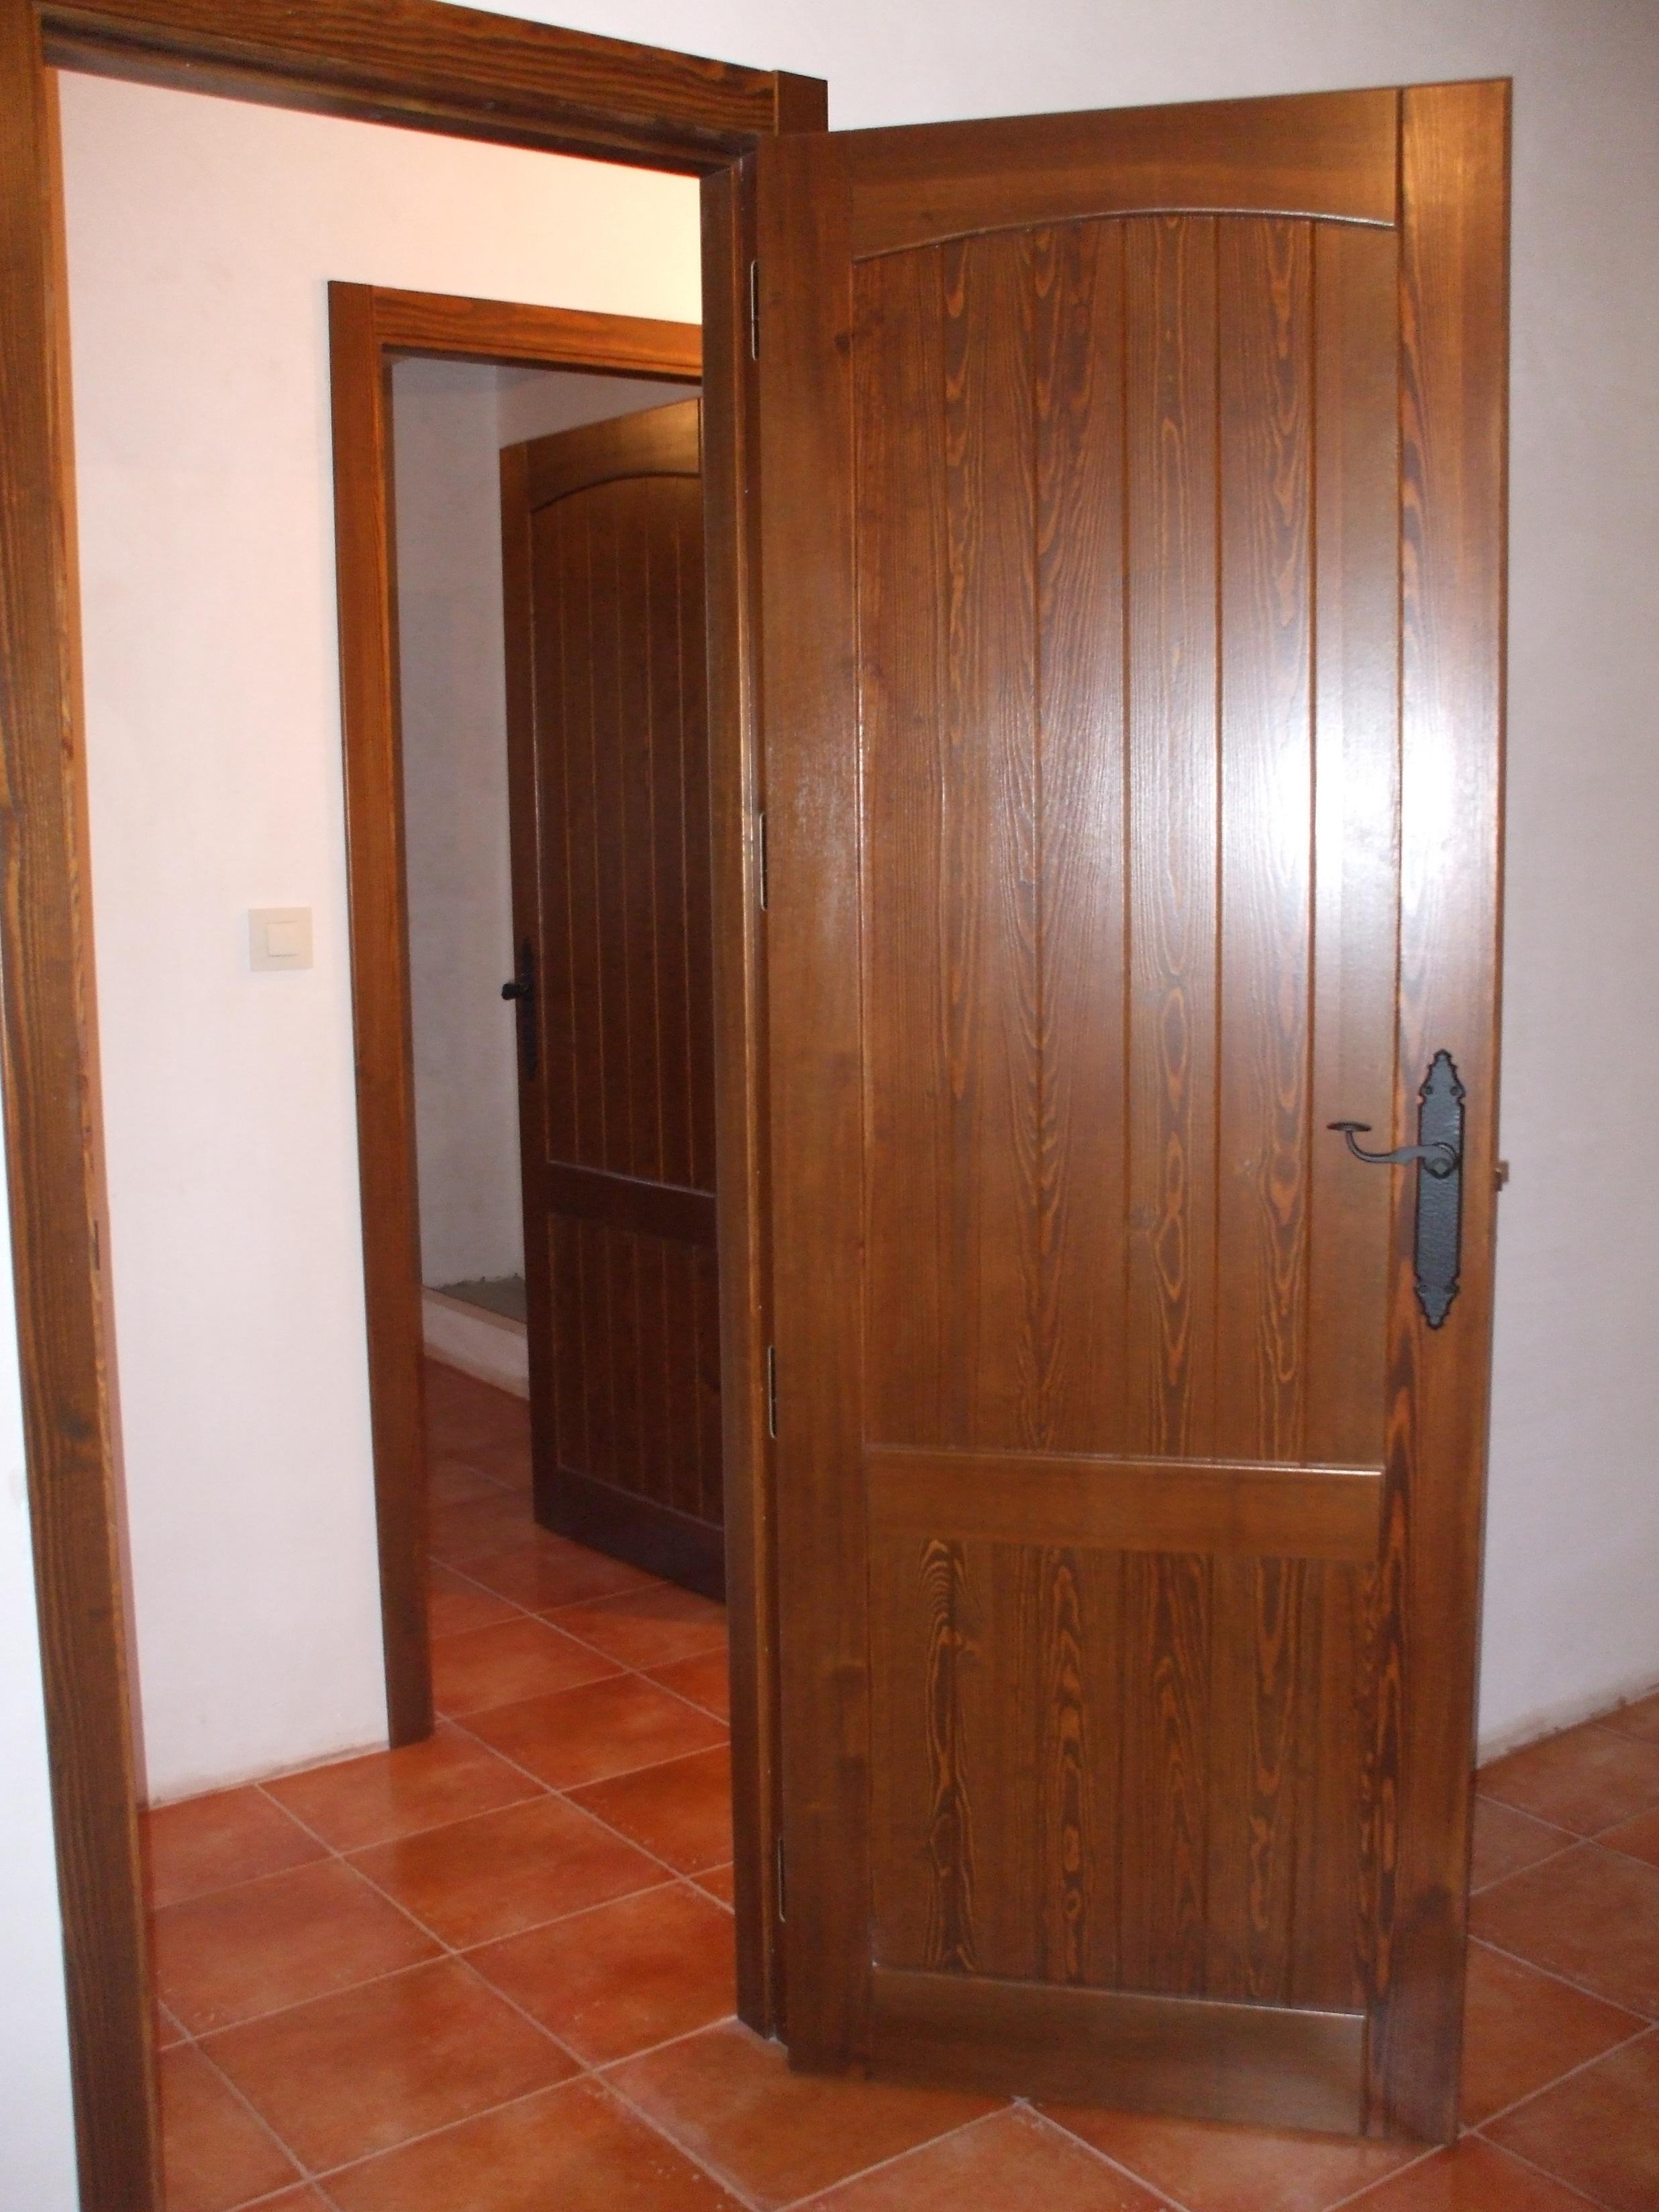 Puertas rusticas de interior modelo cuenca con curva - Puertas madera barcelona ...